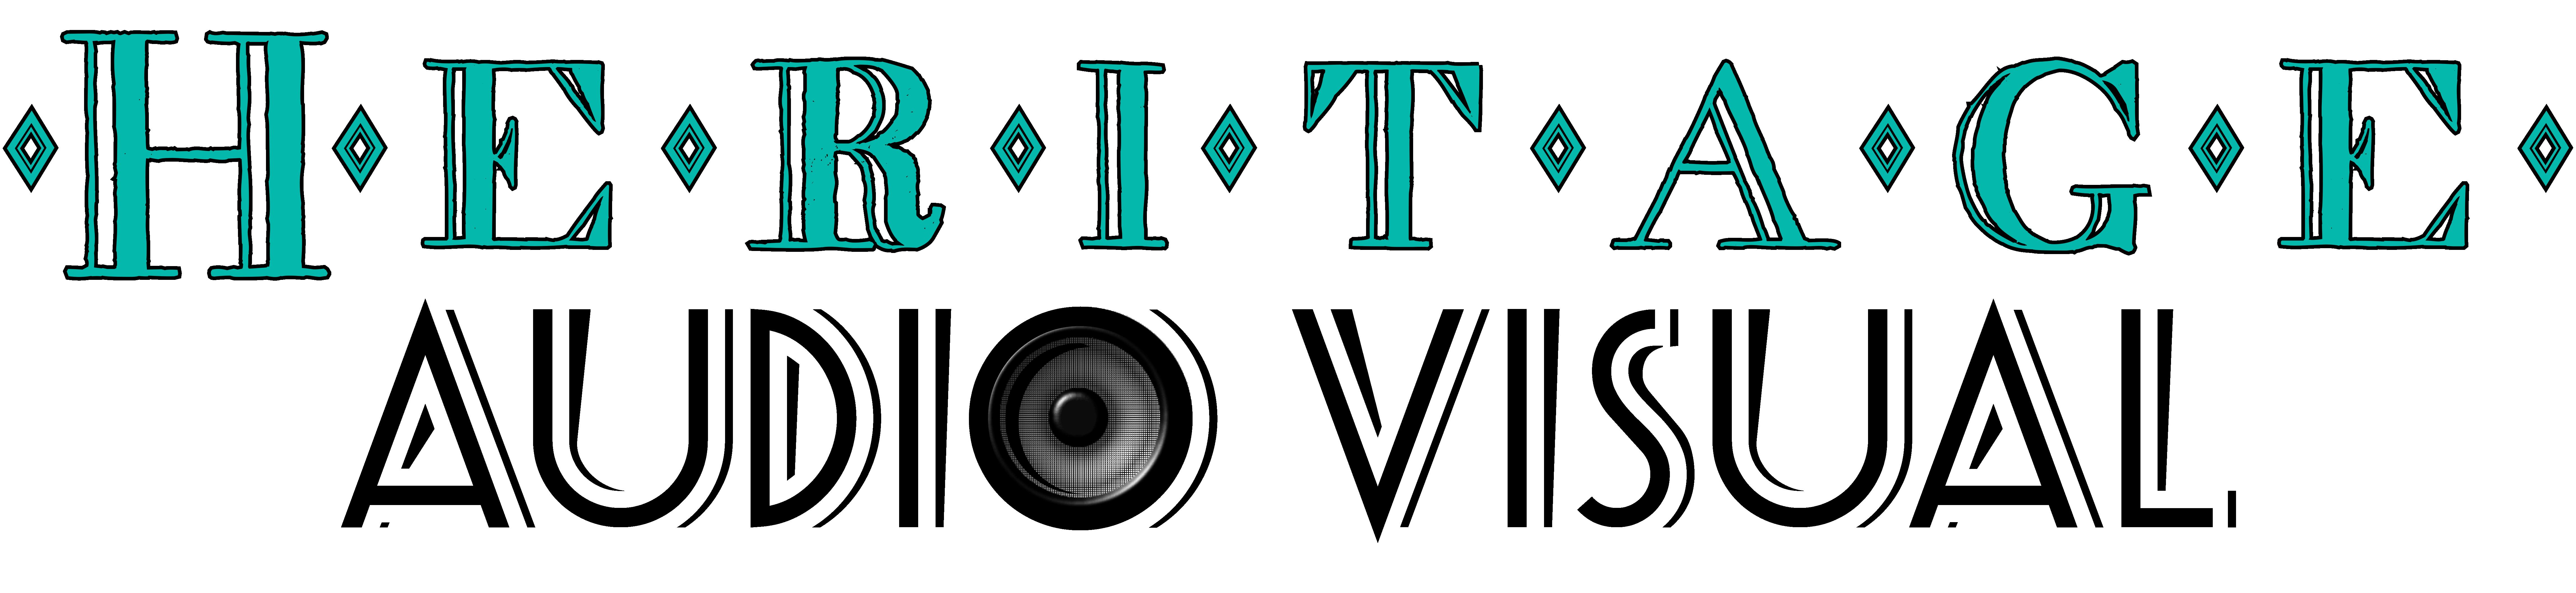 Heritage Audio Visual